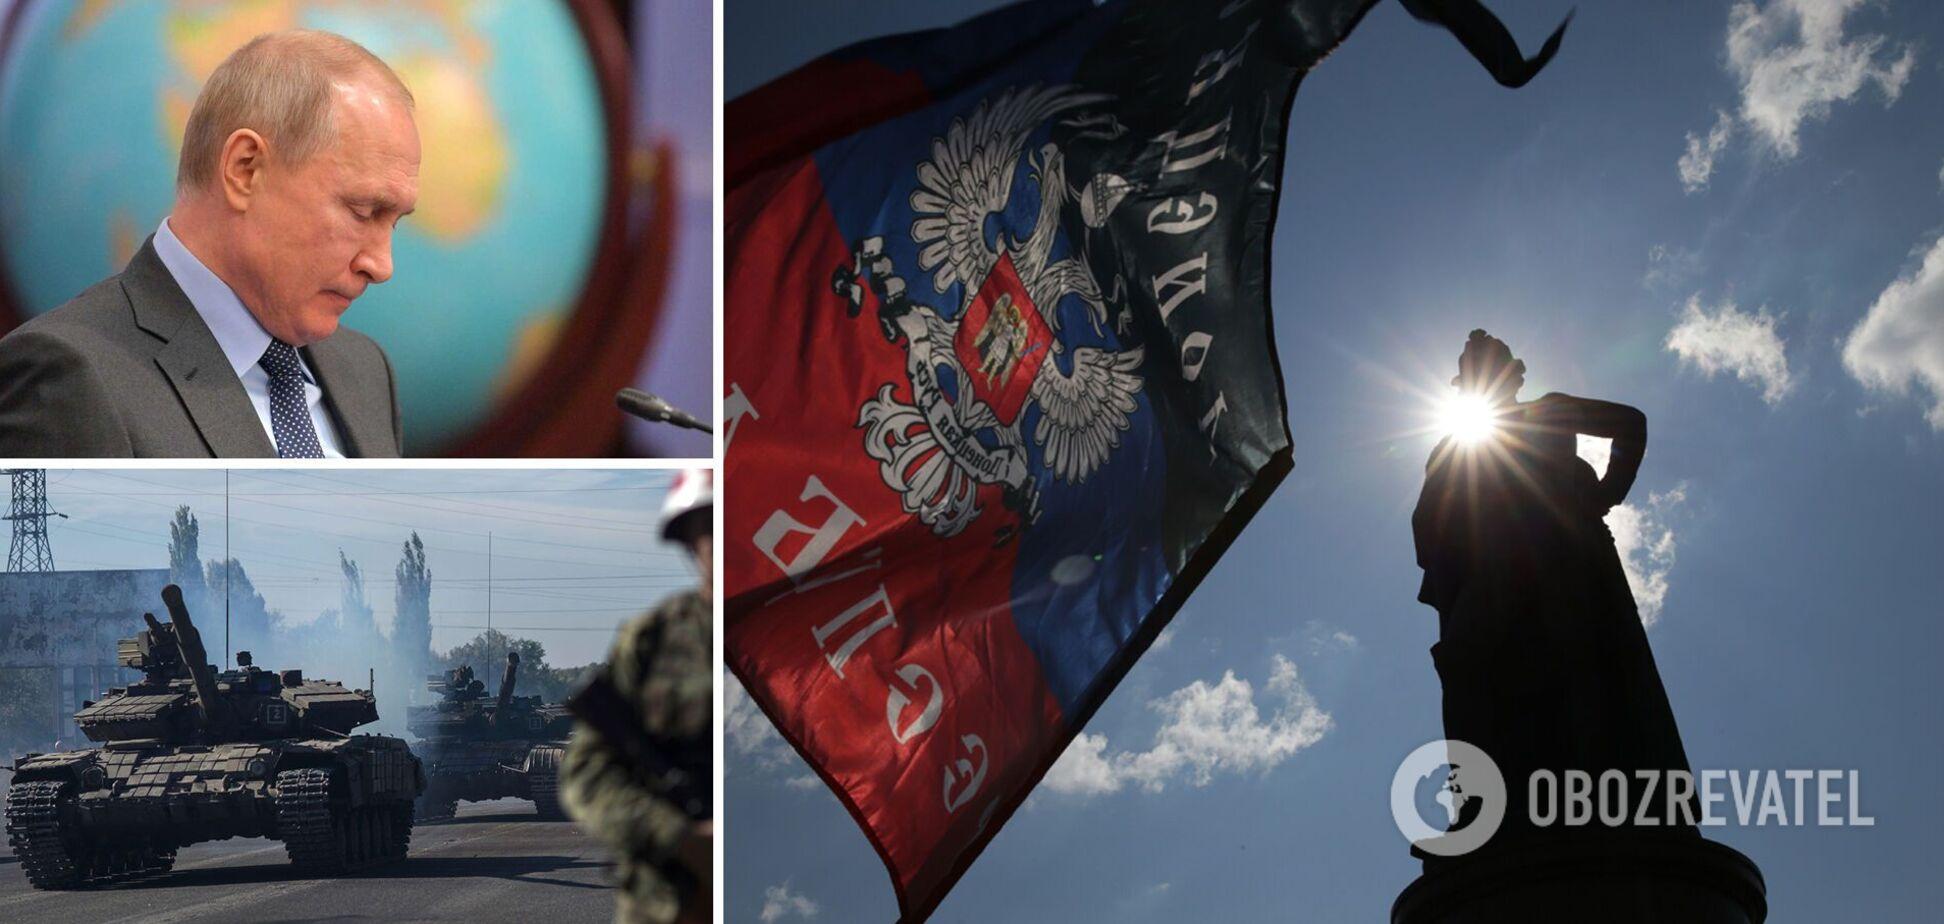 Гармаш: объединение 'ДНР' и 'ЛНР' поможет Украине освободить Донбасс. Блиц-интервью